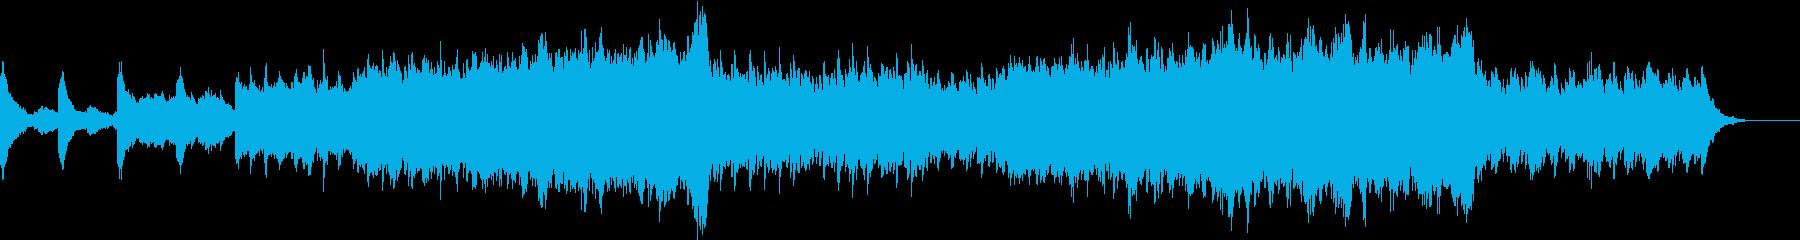 幻想的、感動的なピアノとストリングスの再生済みの波形